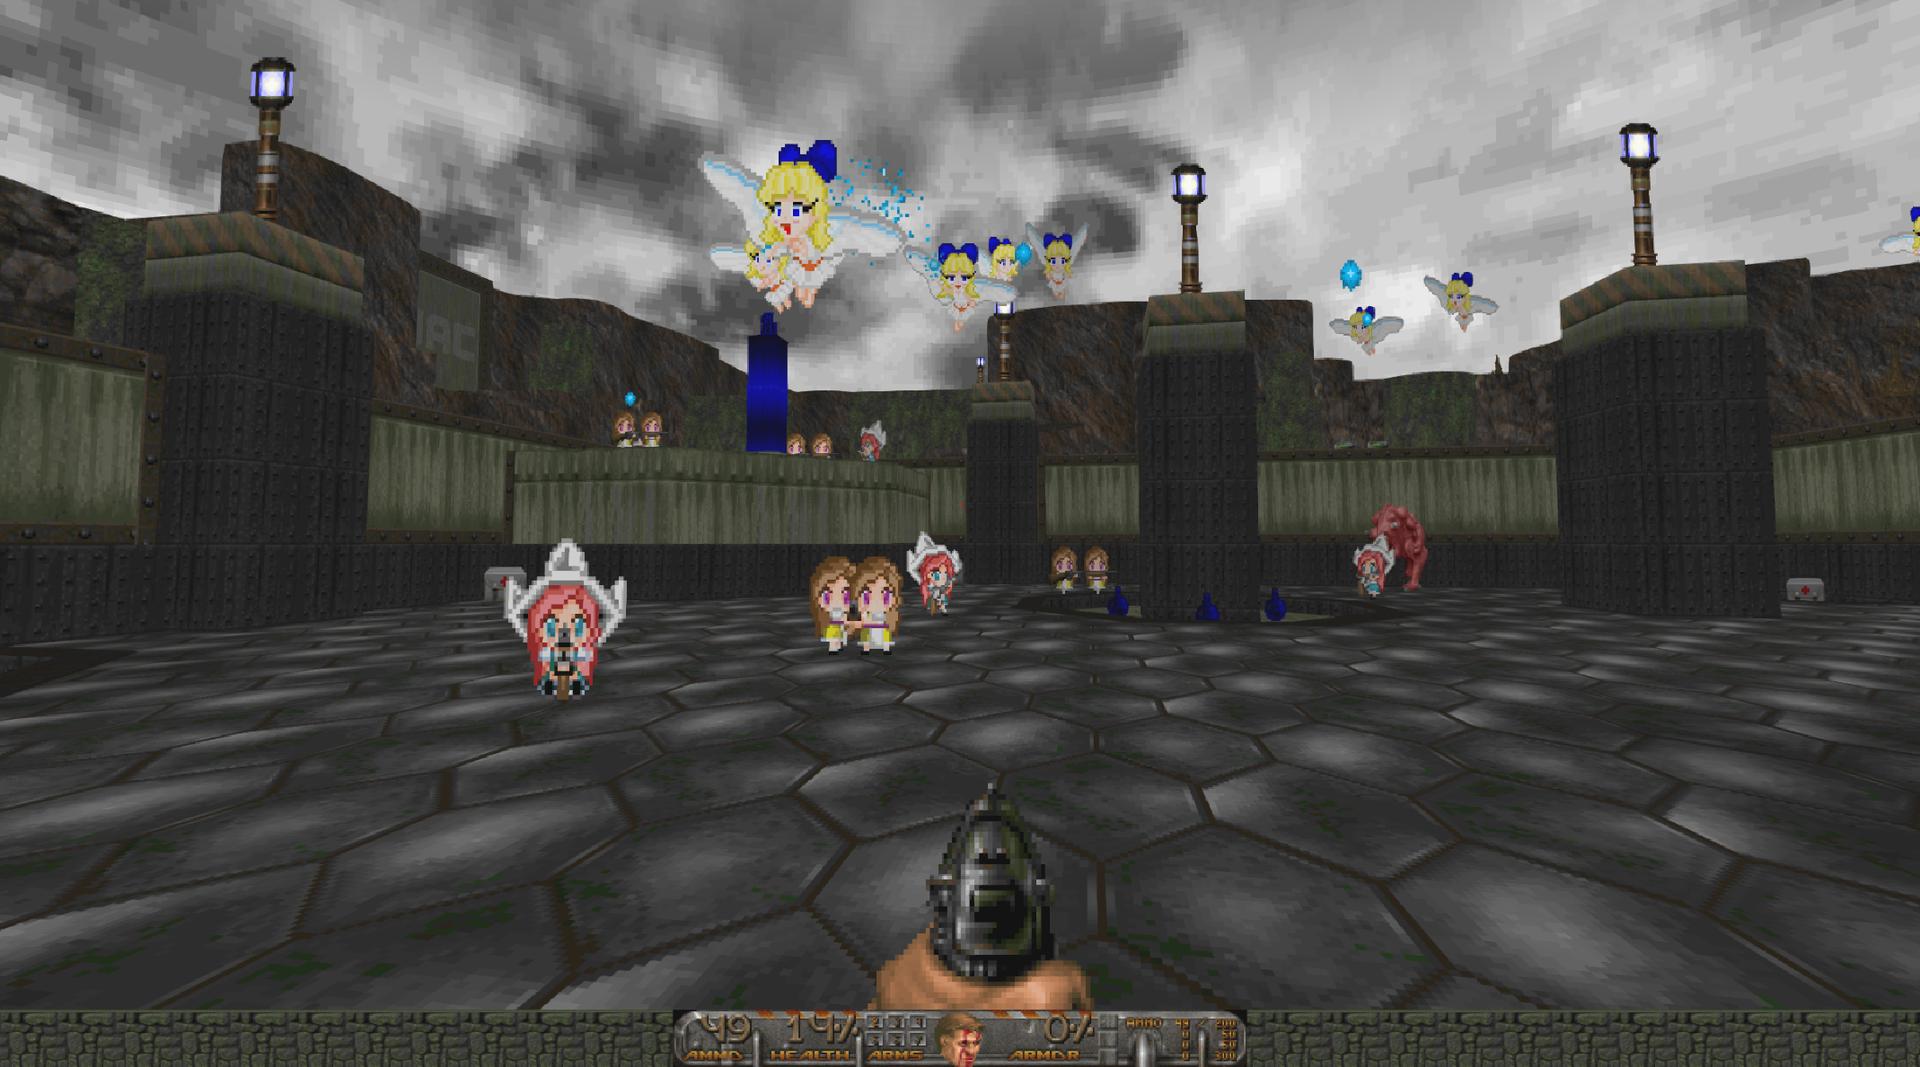 Screenshot_Doom_20200610_050208.png